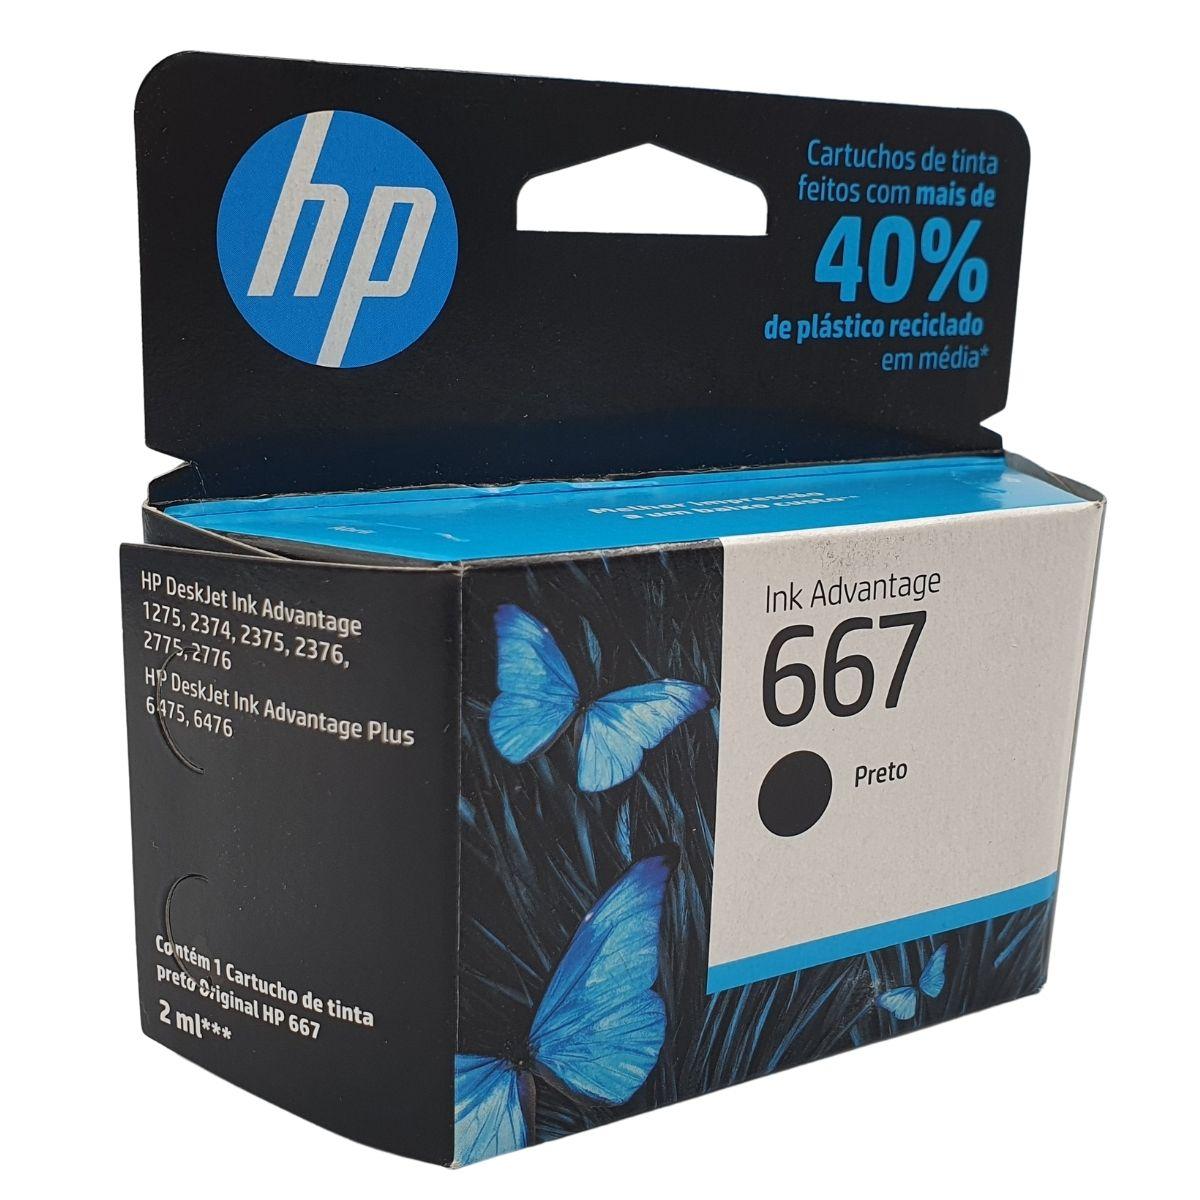 Cartucho HP 667 HP667 3YM79AL Preto para 2376 2775 2776 6475 6476